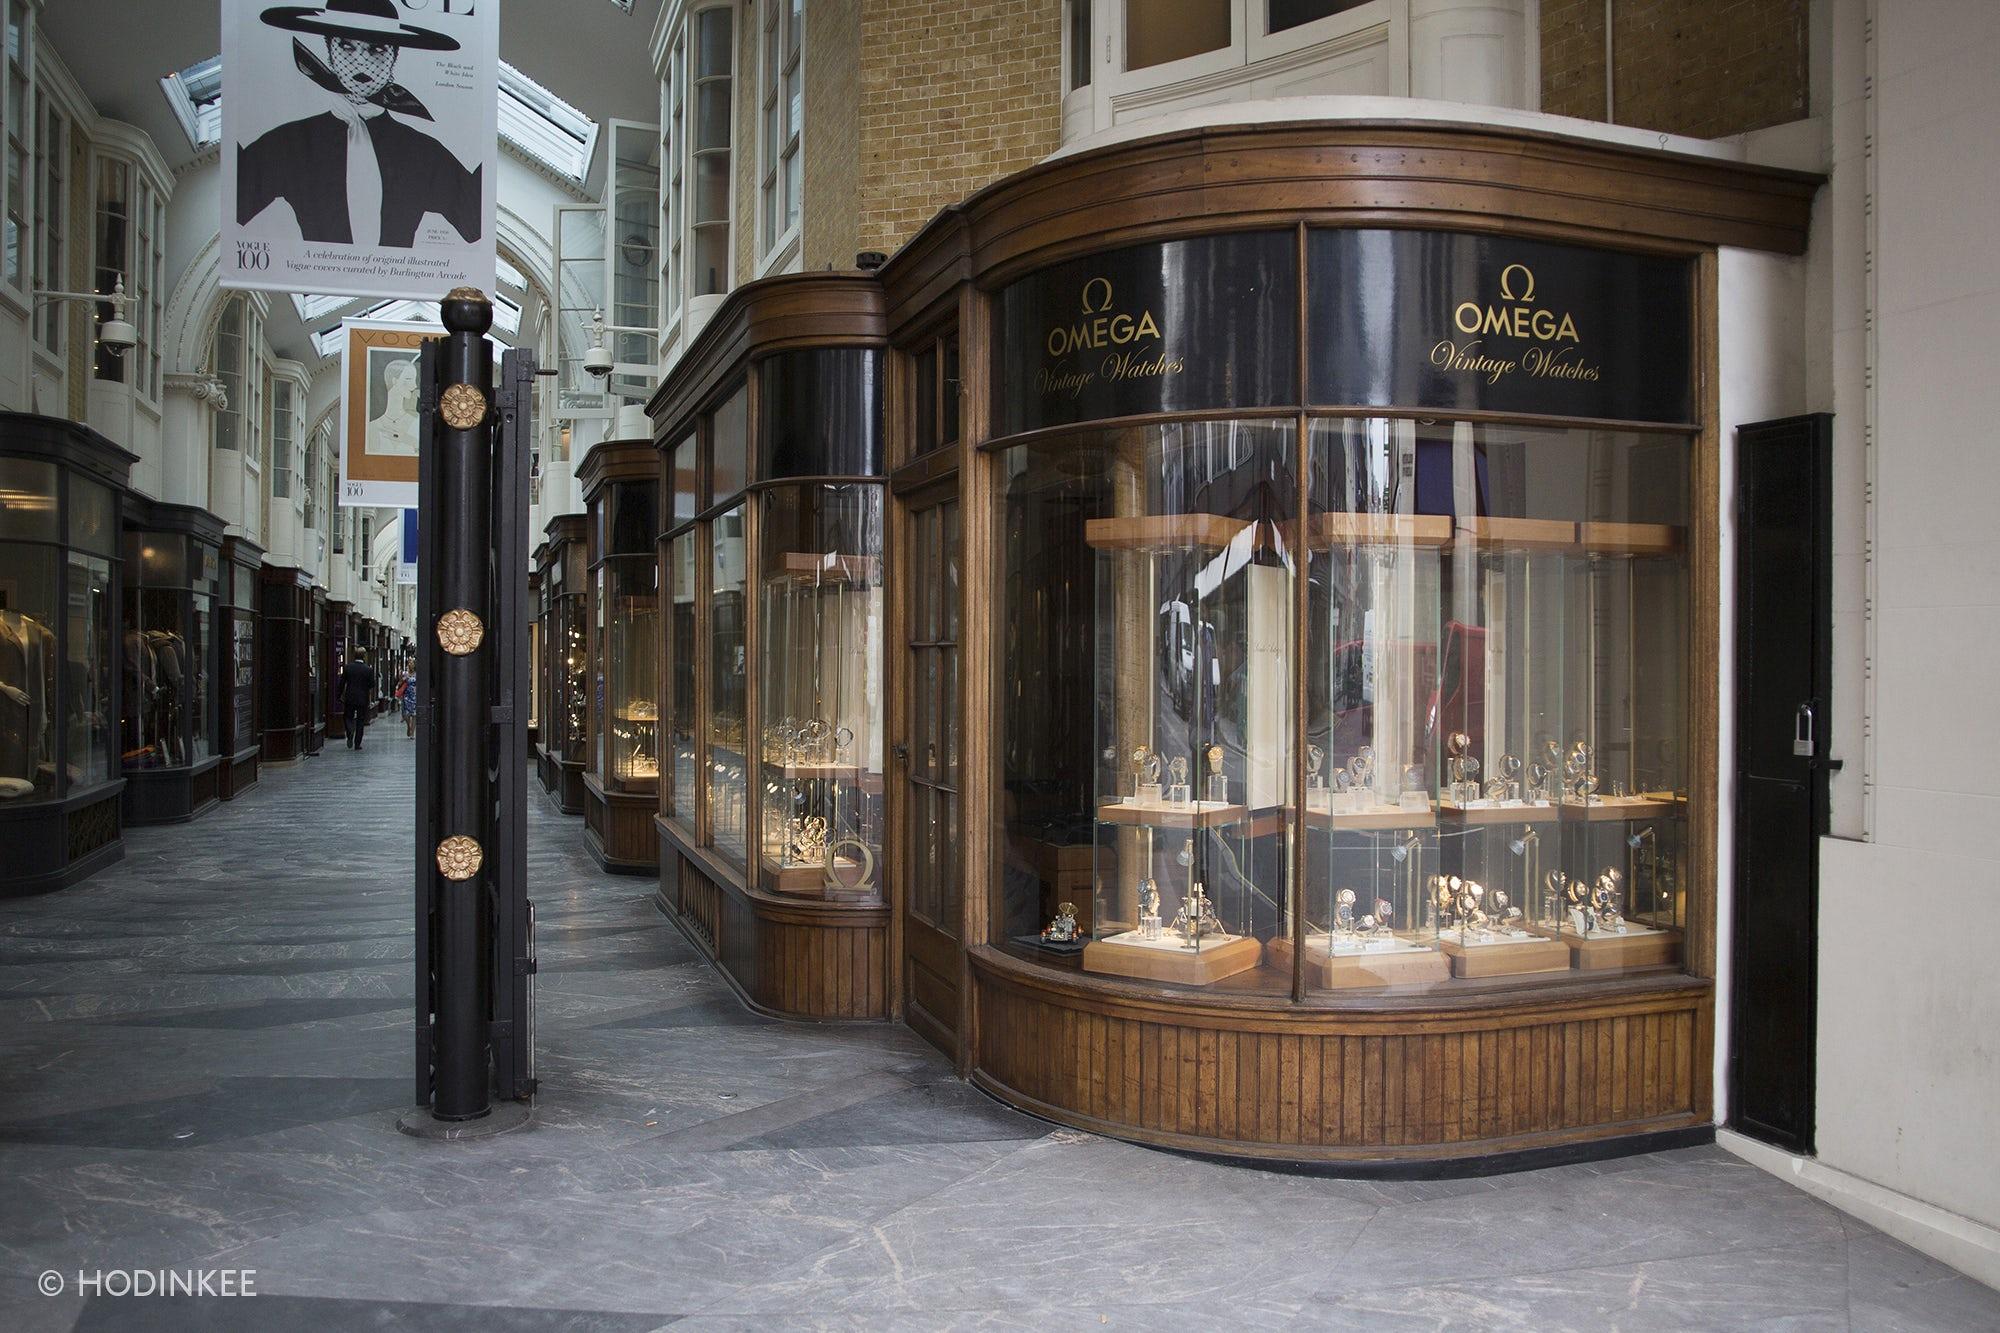 Hình ảnh một cửa hàng đồng hồ Omega